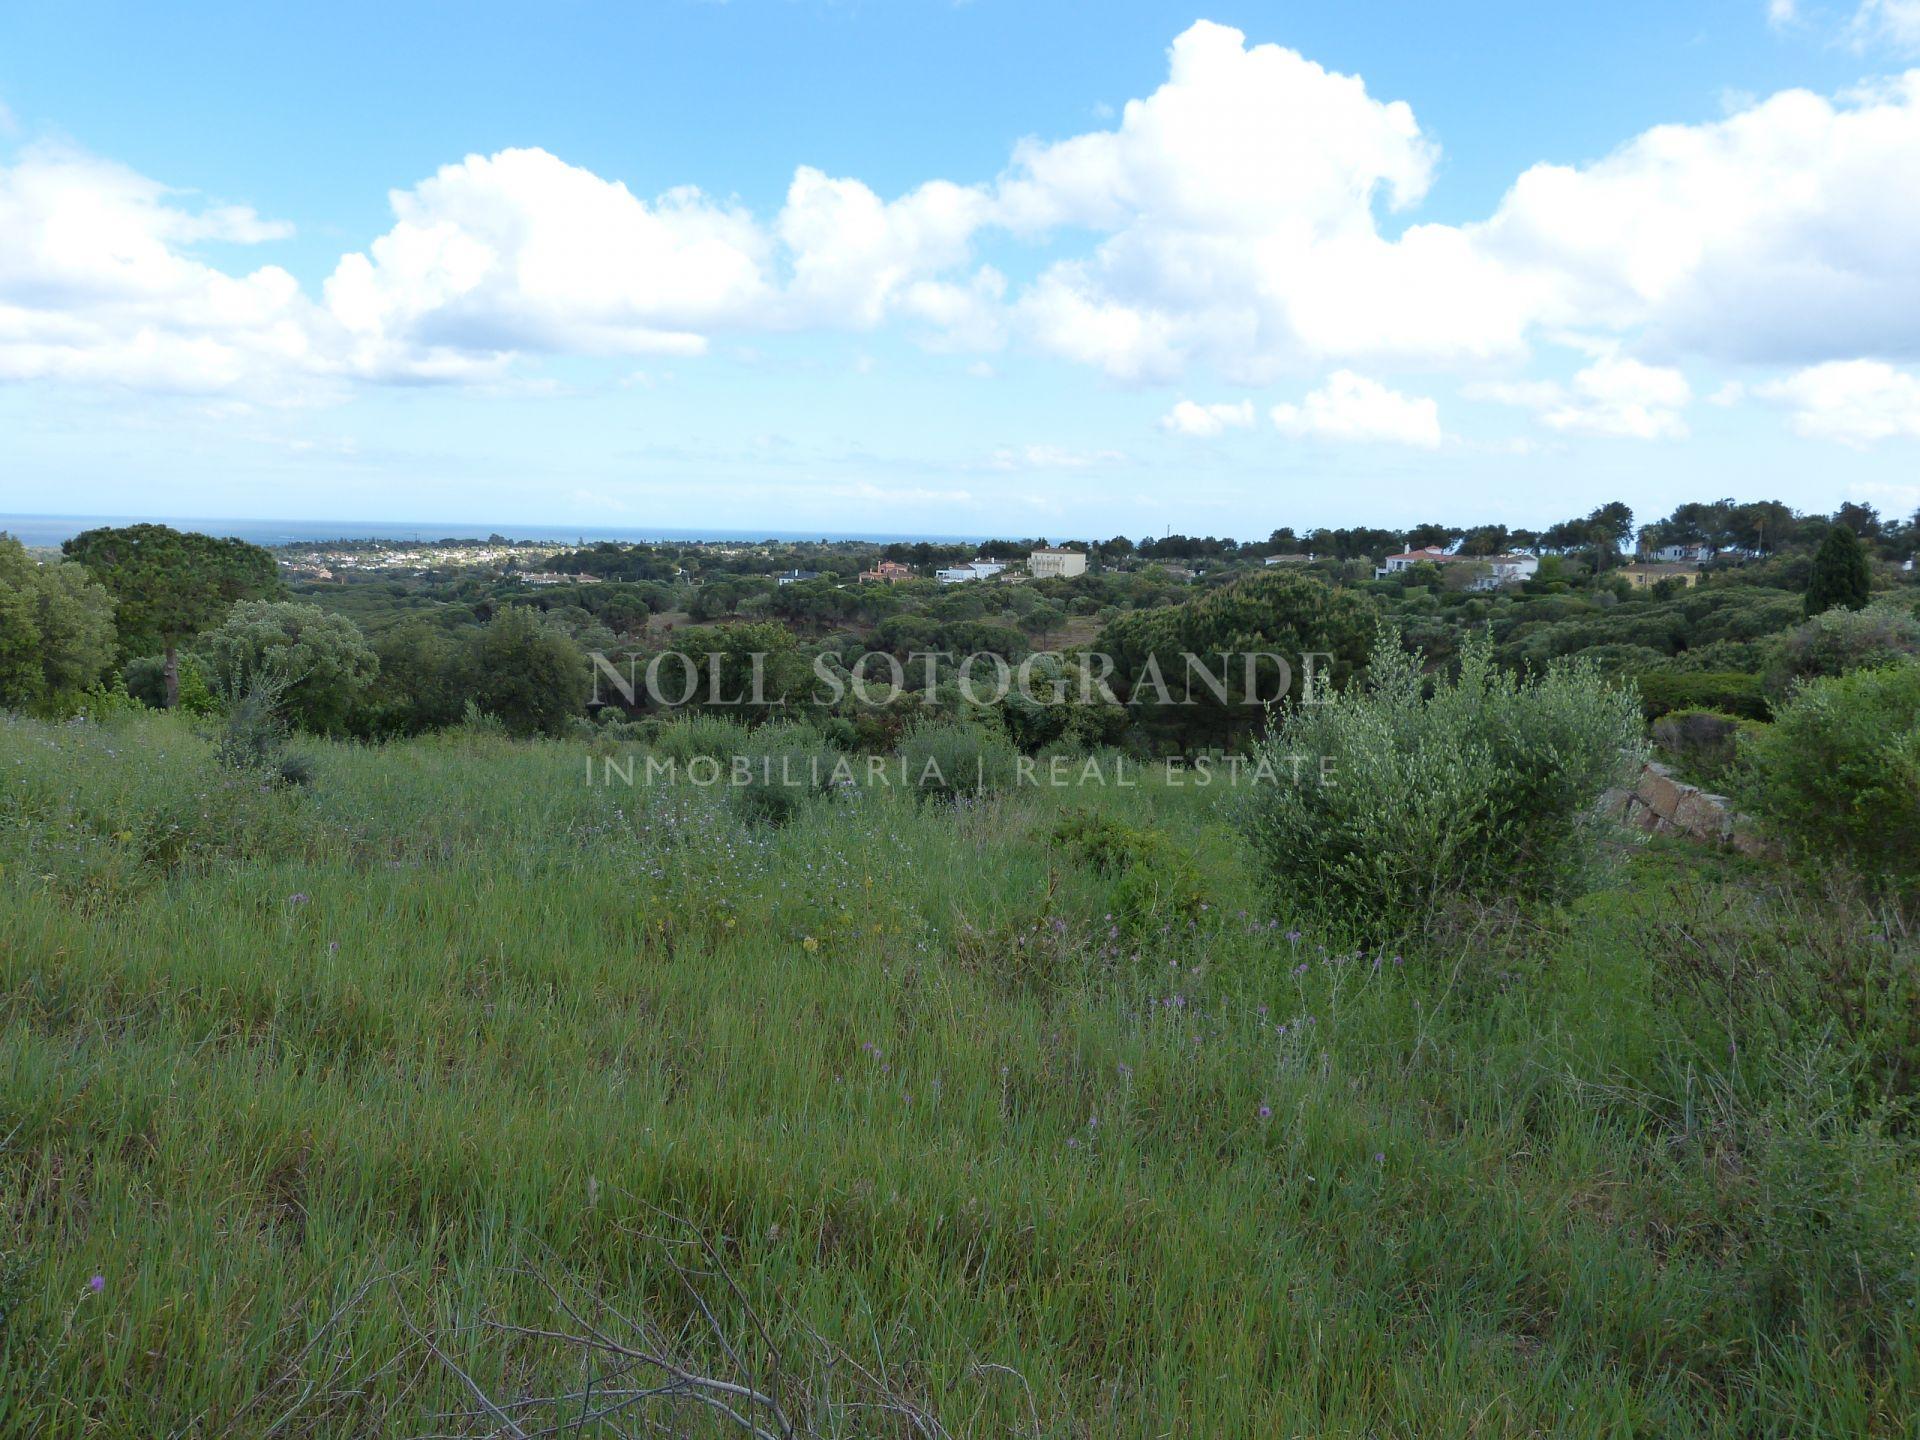 Parcela en venta con vistas al mar - Sotogrande La Reserva